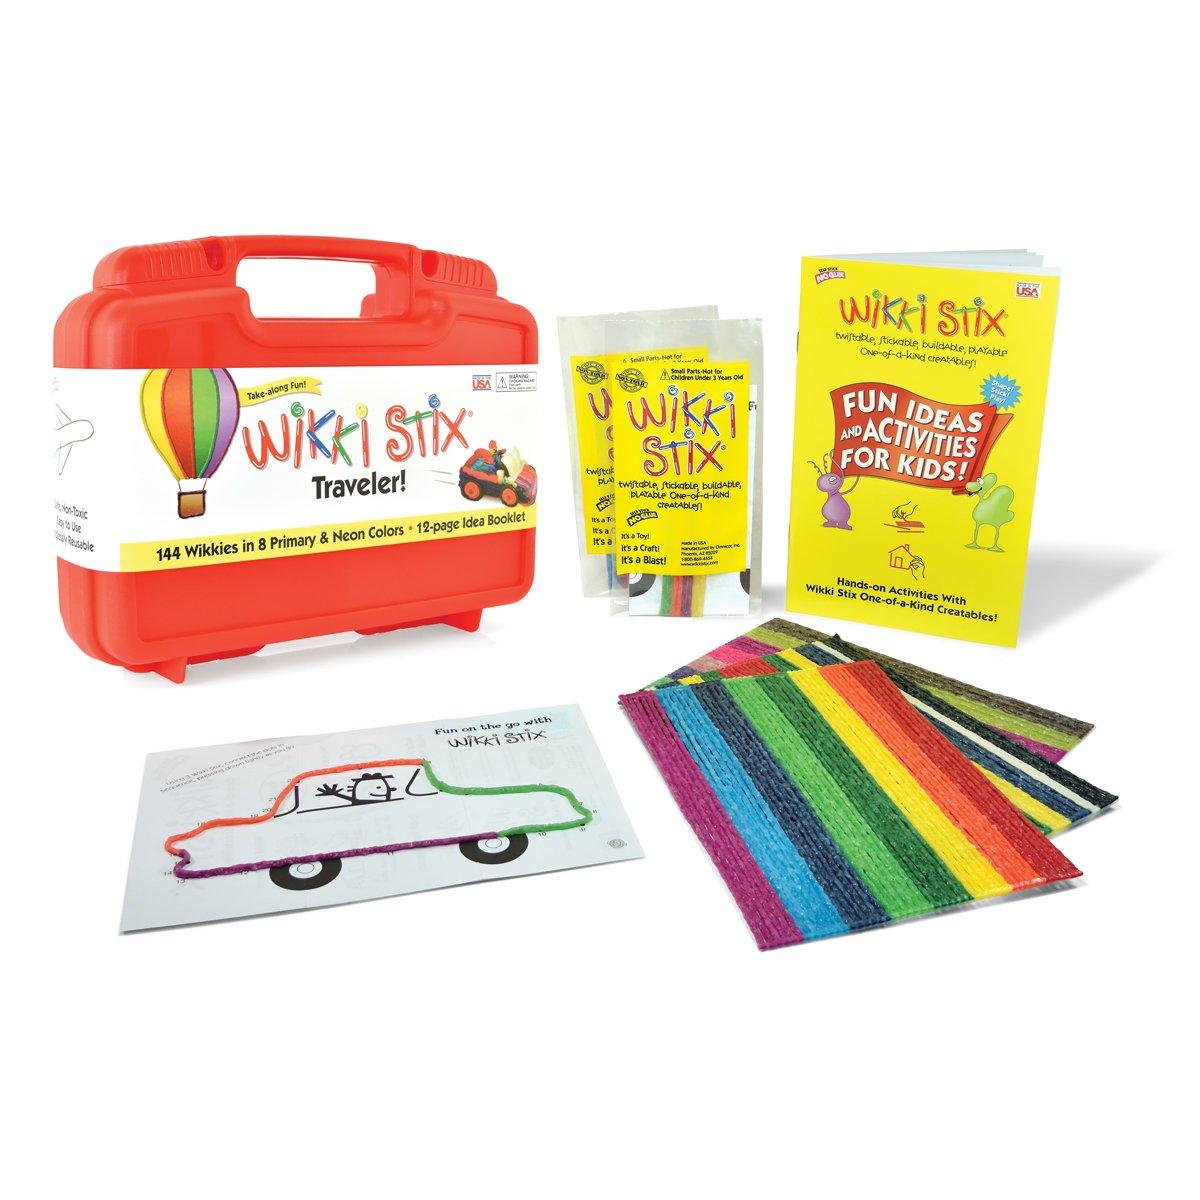 WikkiStix Traveler Playset Craft Kit Molding & Sculpting Sticks by WikkiStix (Image #2)